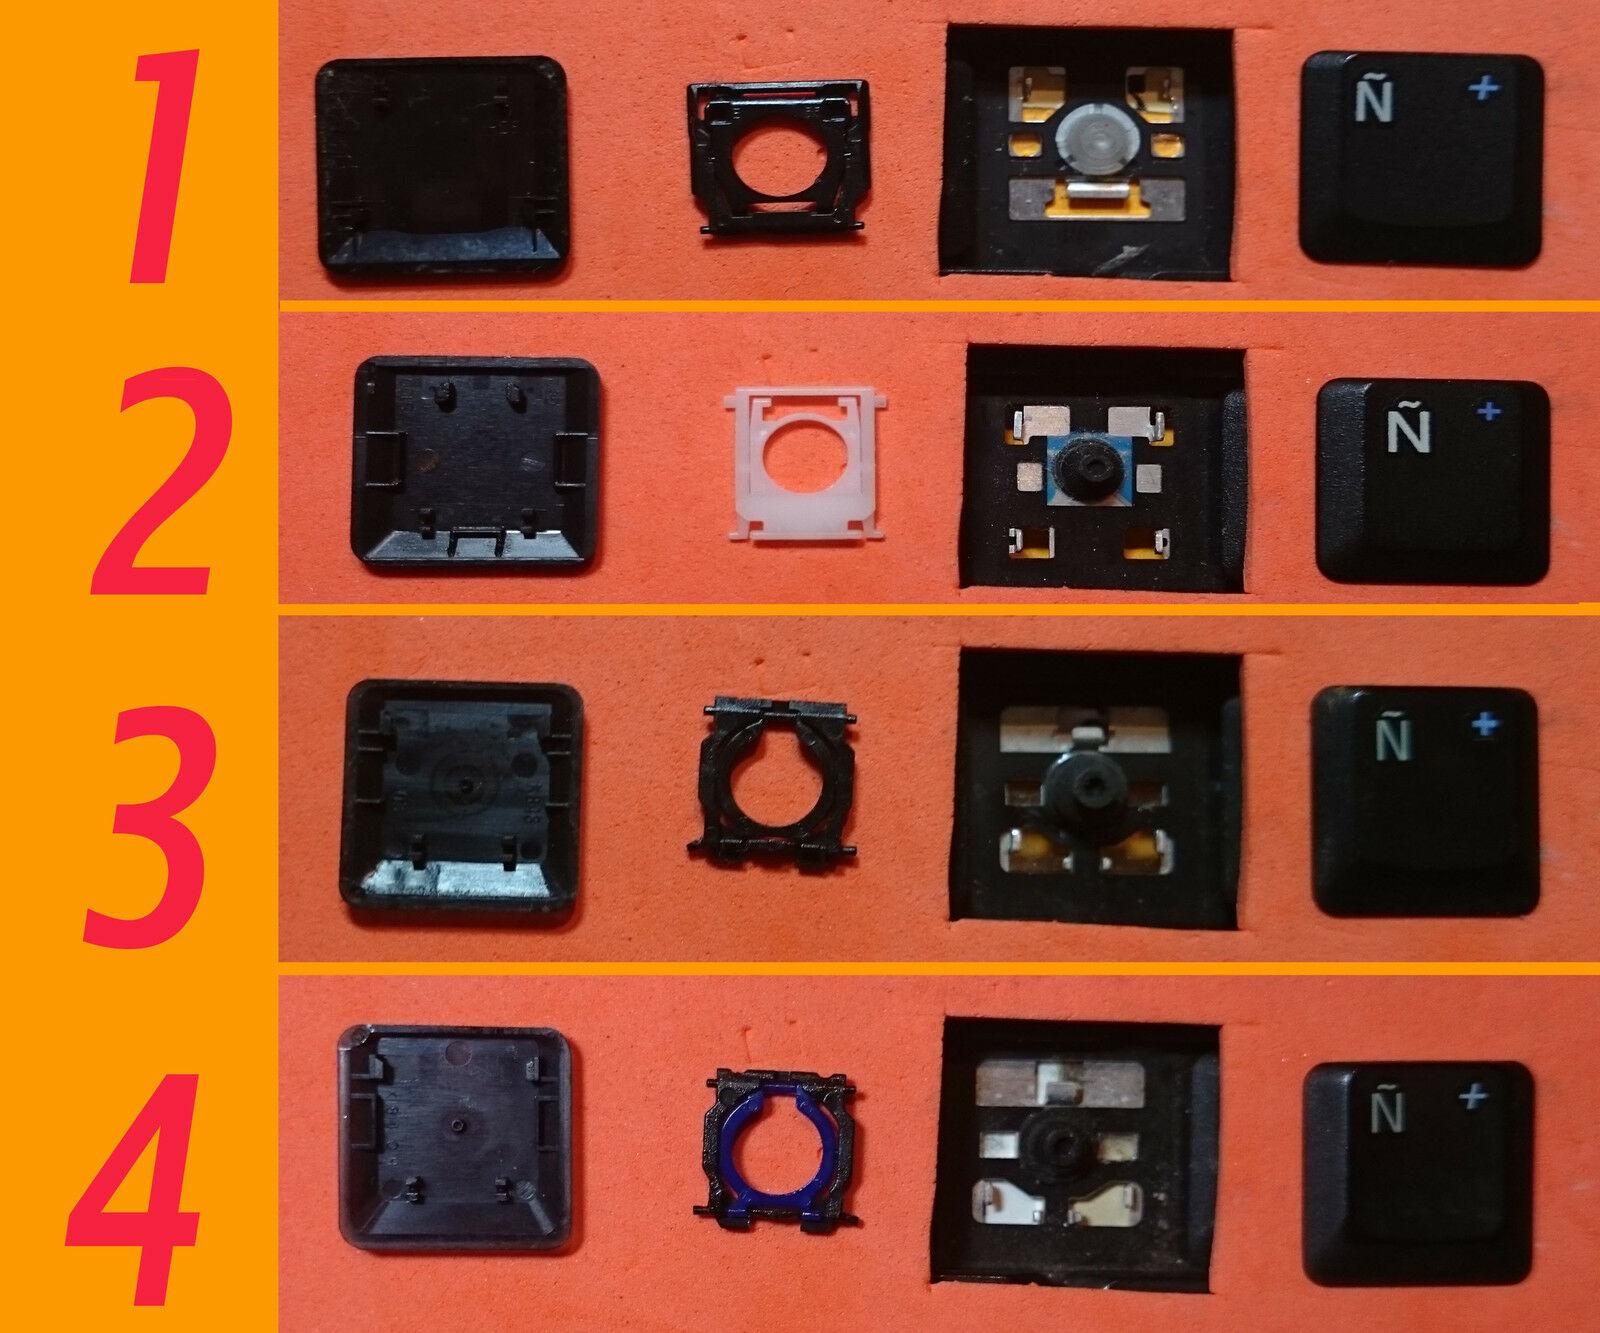 TECLA TECLAS DE TECLADO ASUS Z8300DC Z8300VC Z8300 Z8300V Z8300D Z8310VC